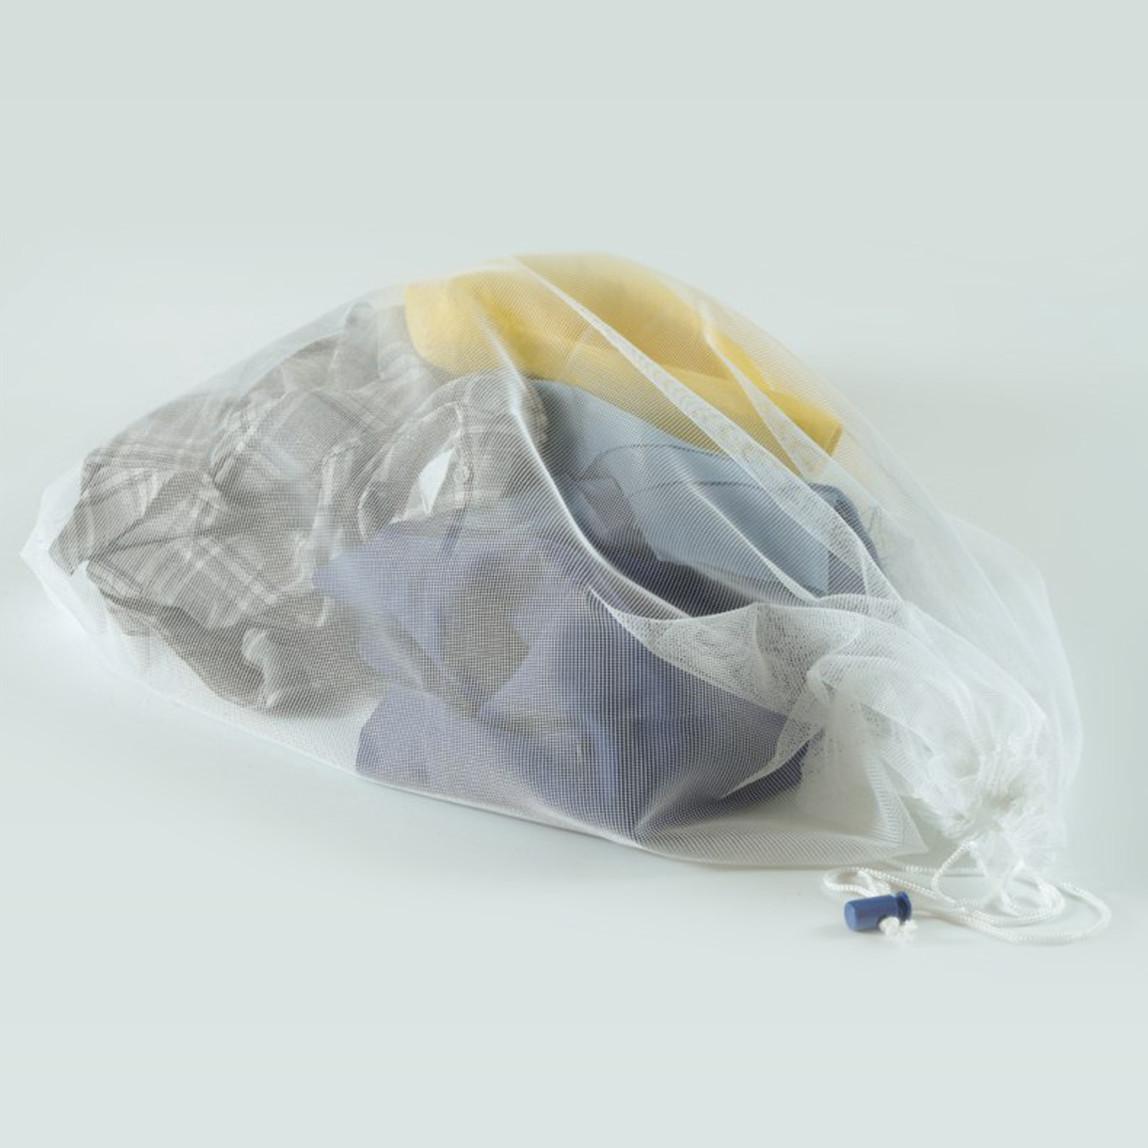 Çamaşır Torbası 60x90 Cm, 5 Kg